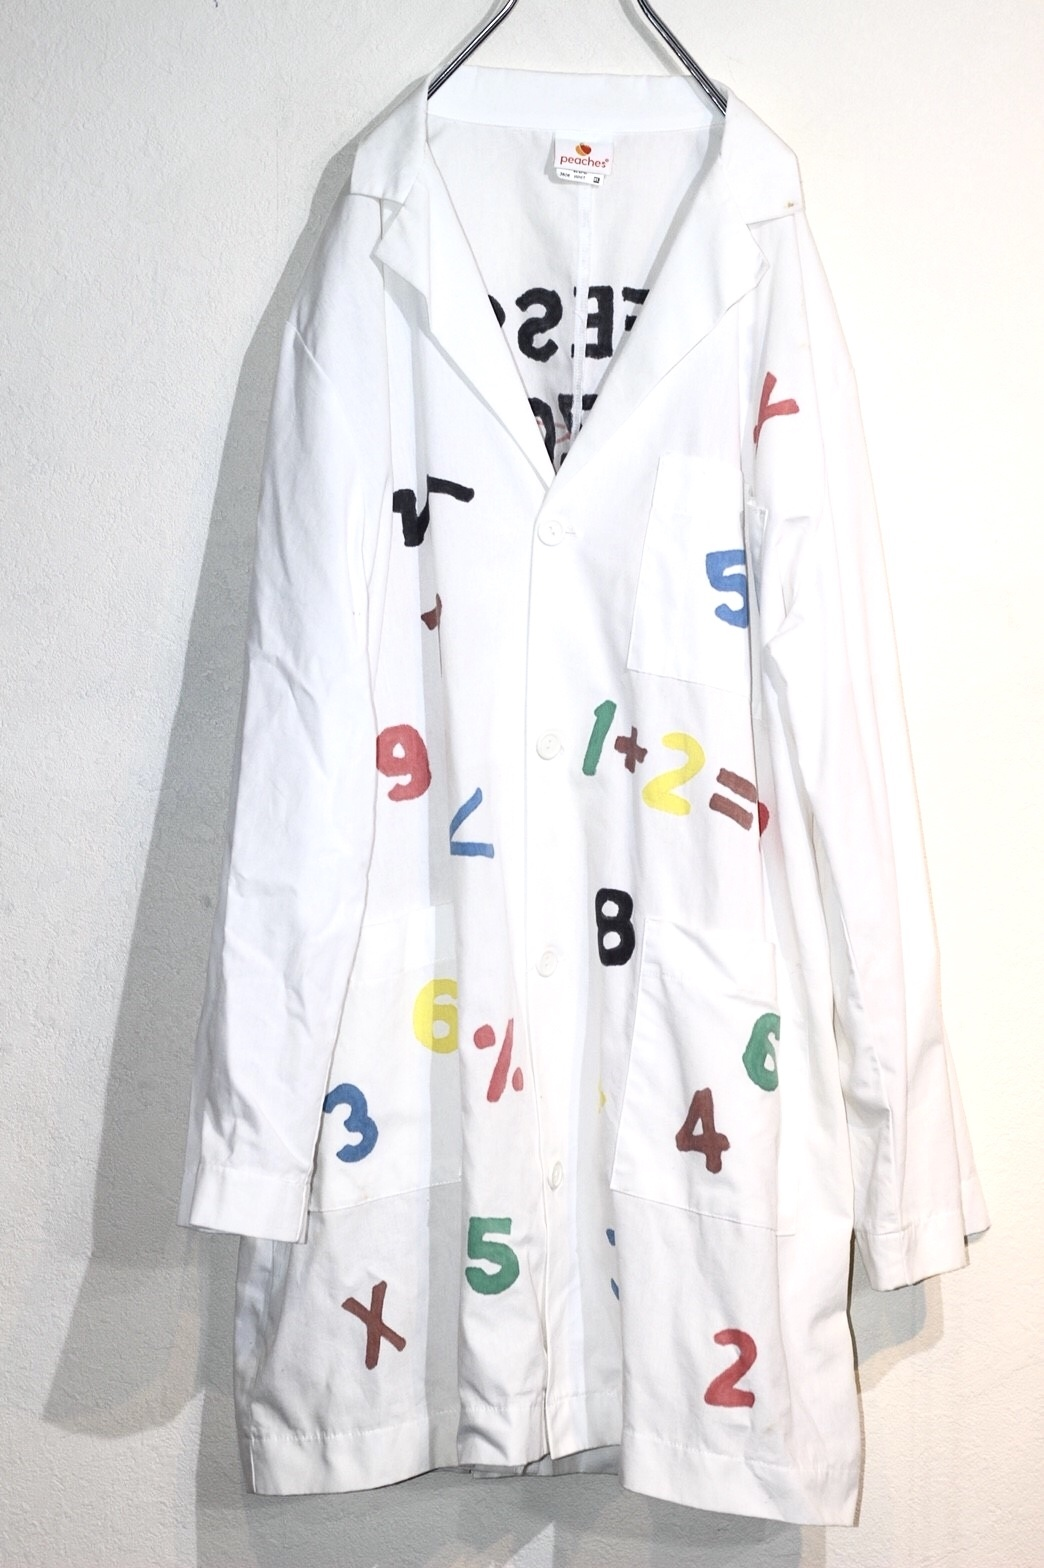 prof. coat